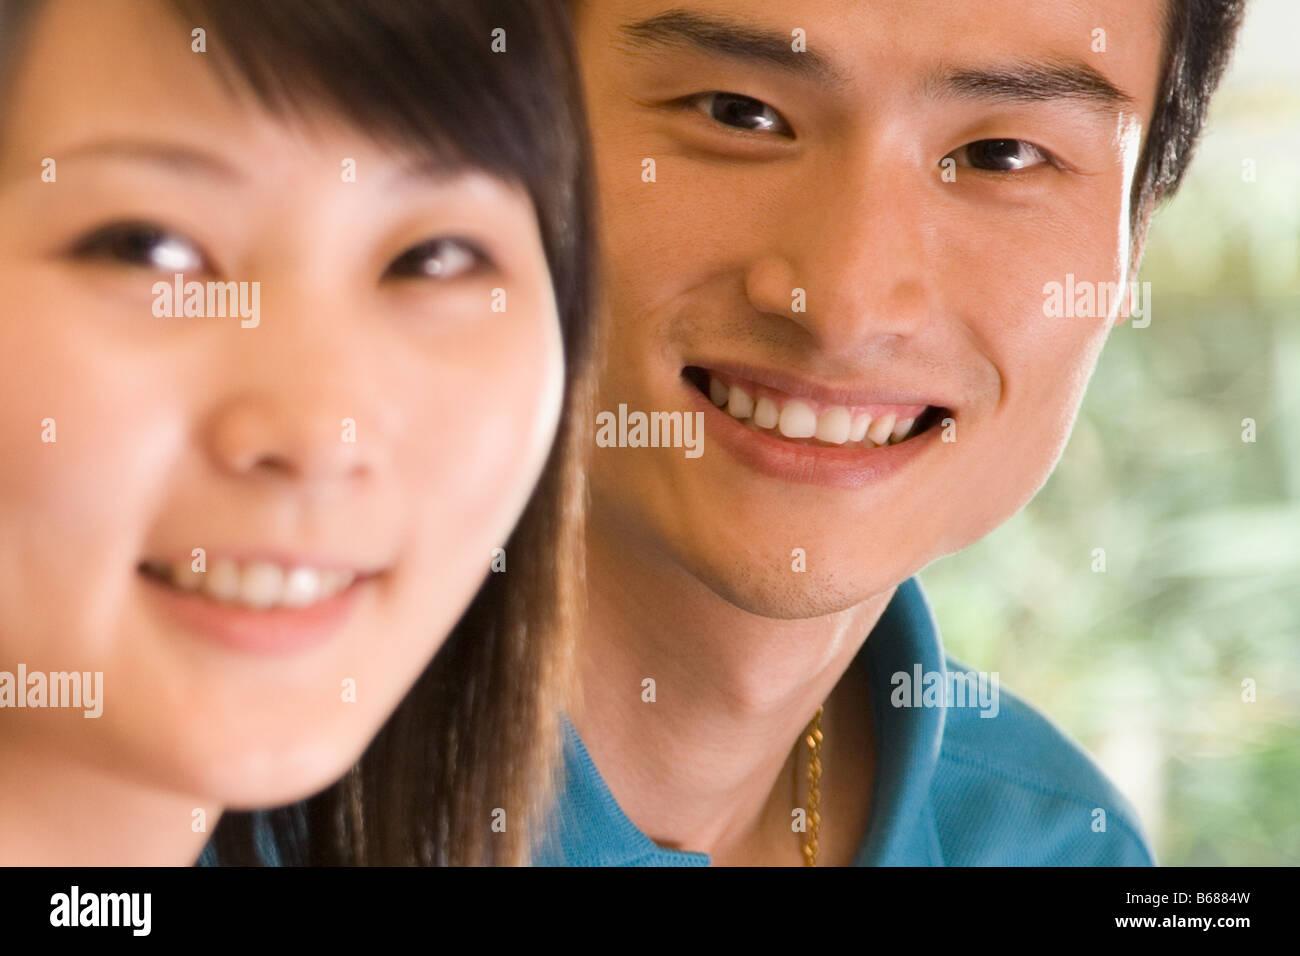 Portrait de deux employés de bureau smiling Photo Stock